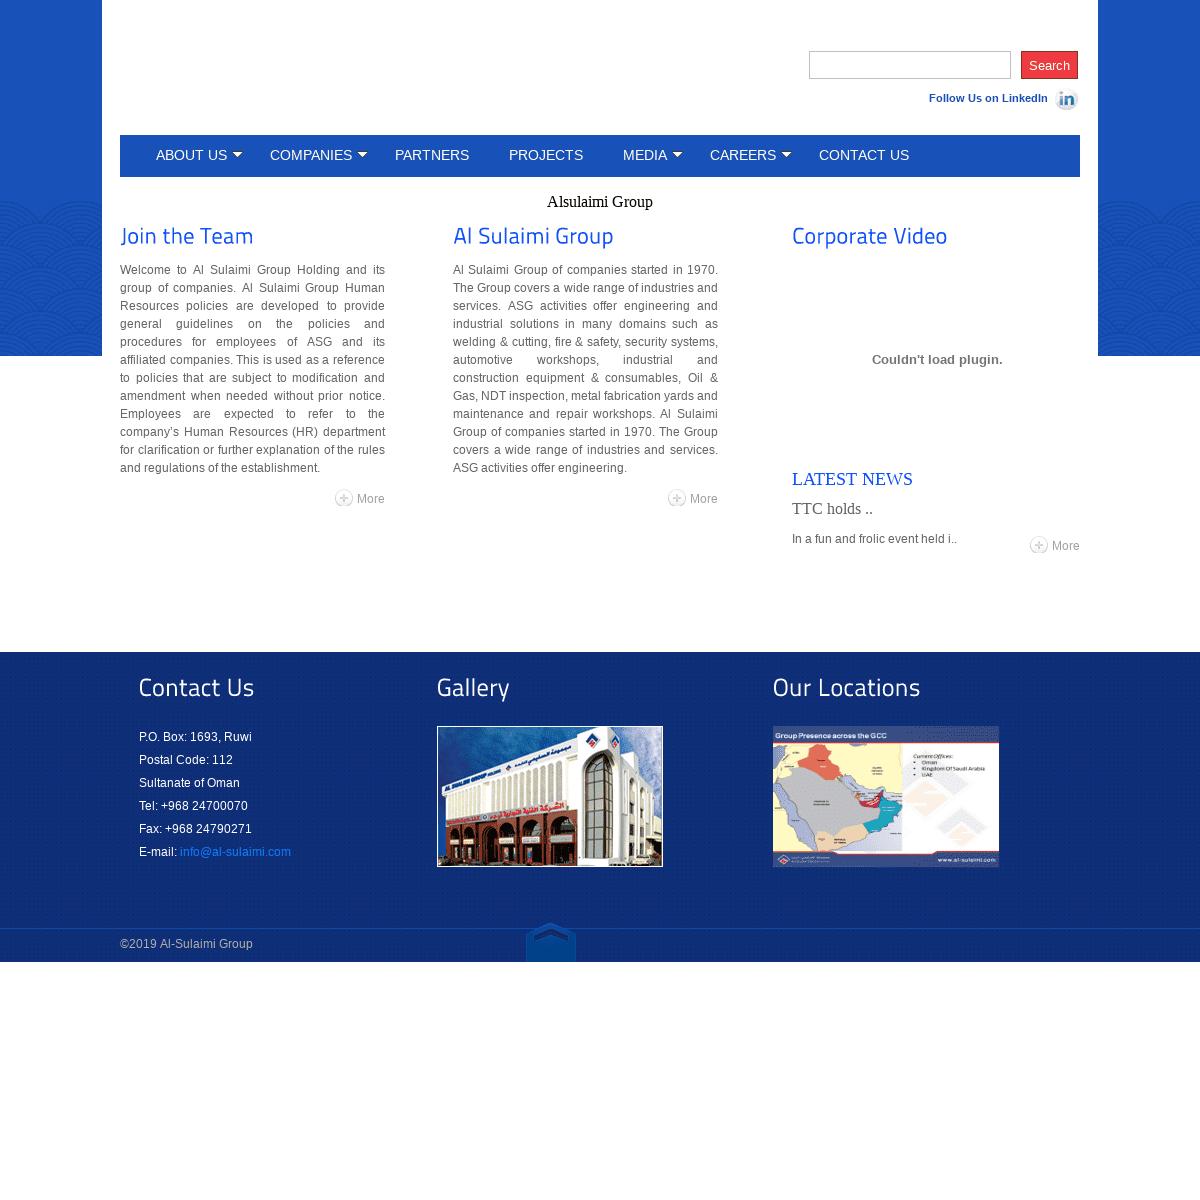 Al Sulaimi Group